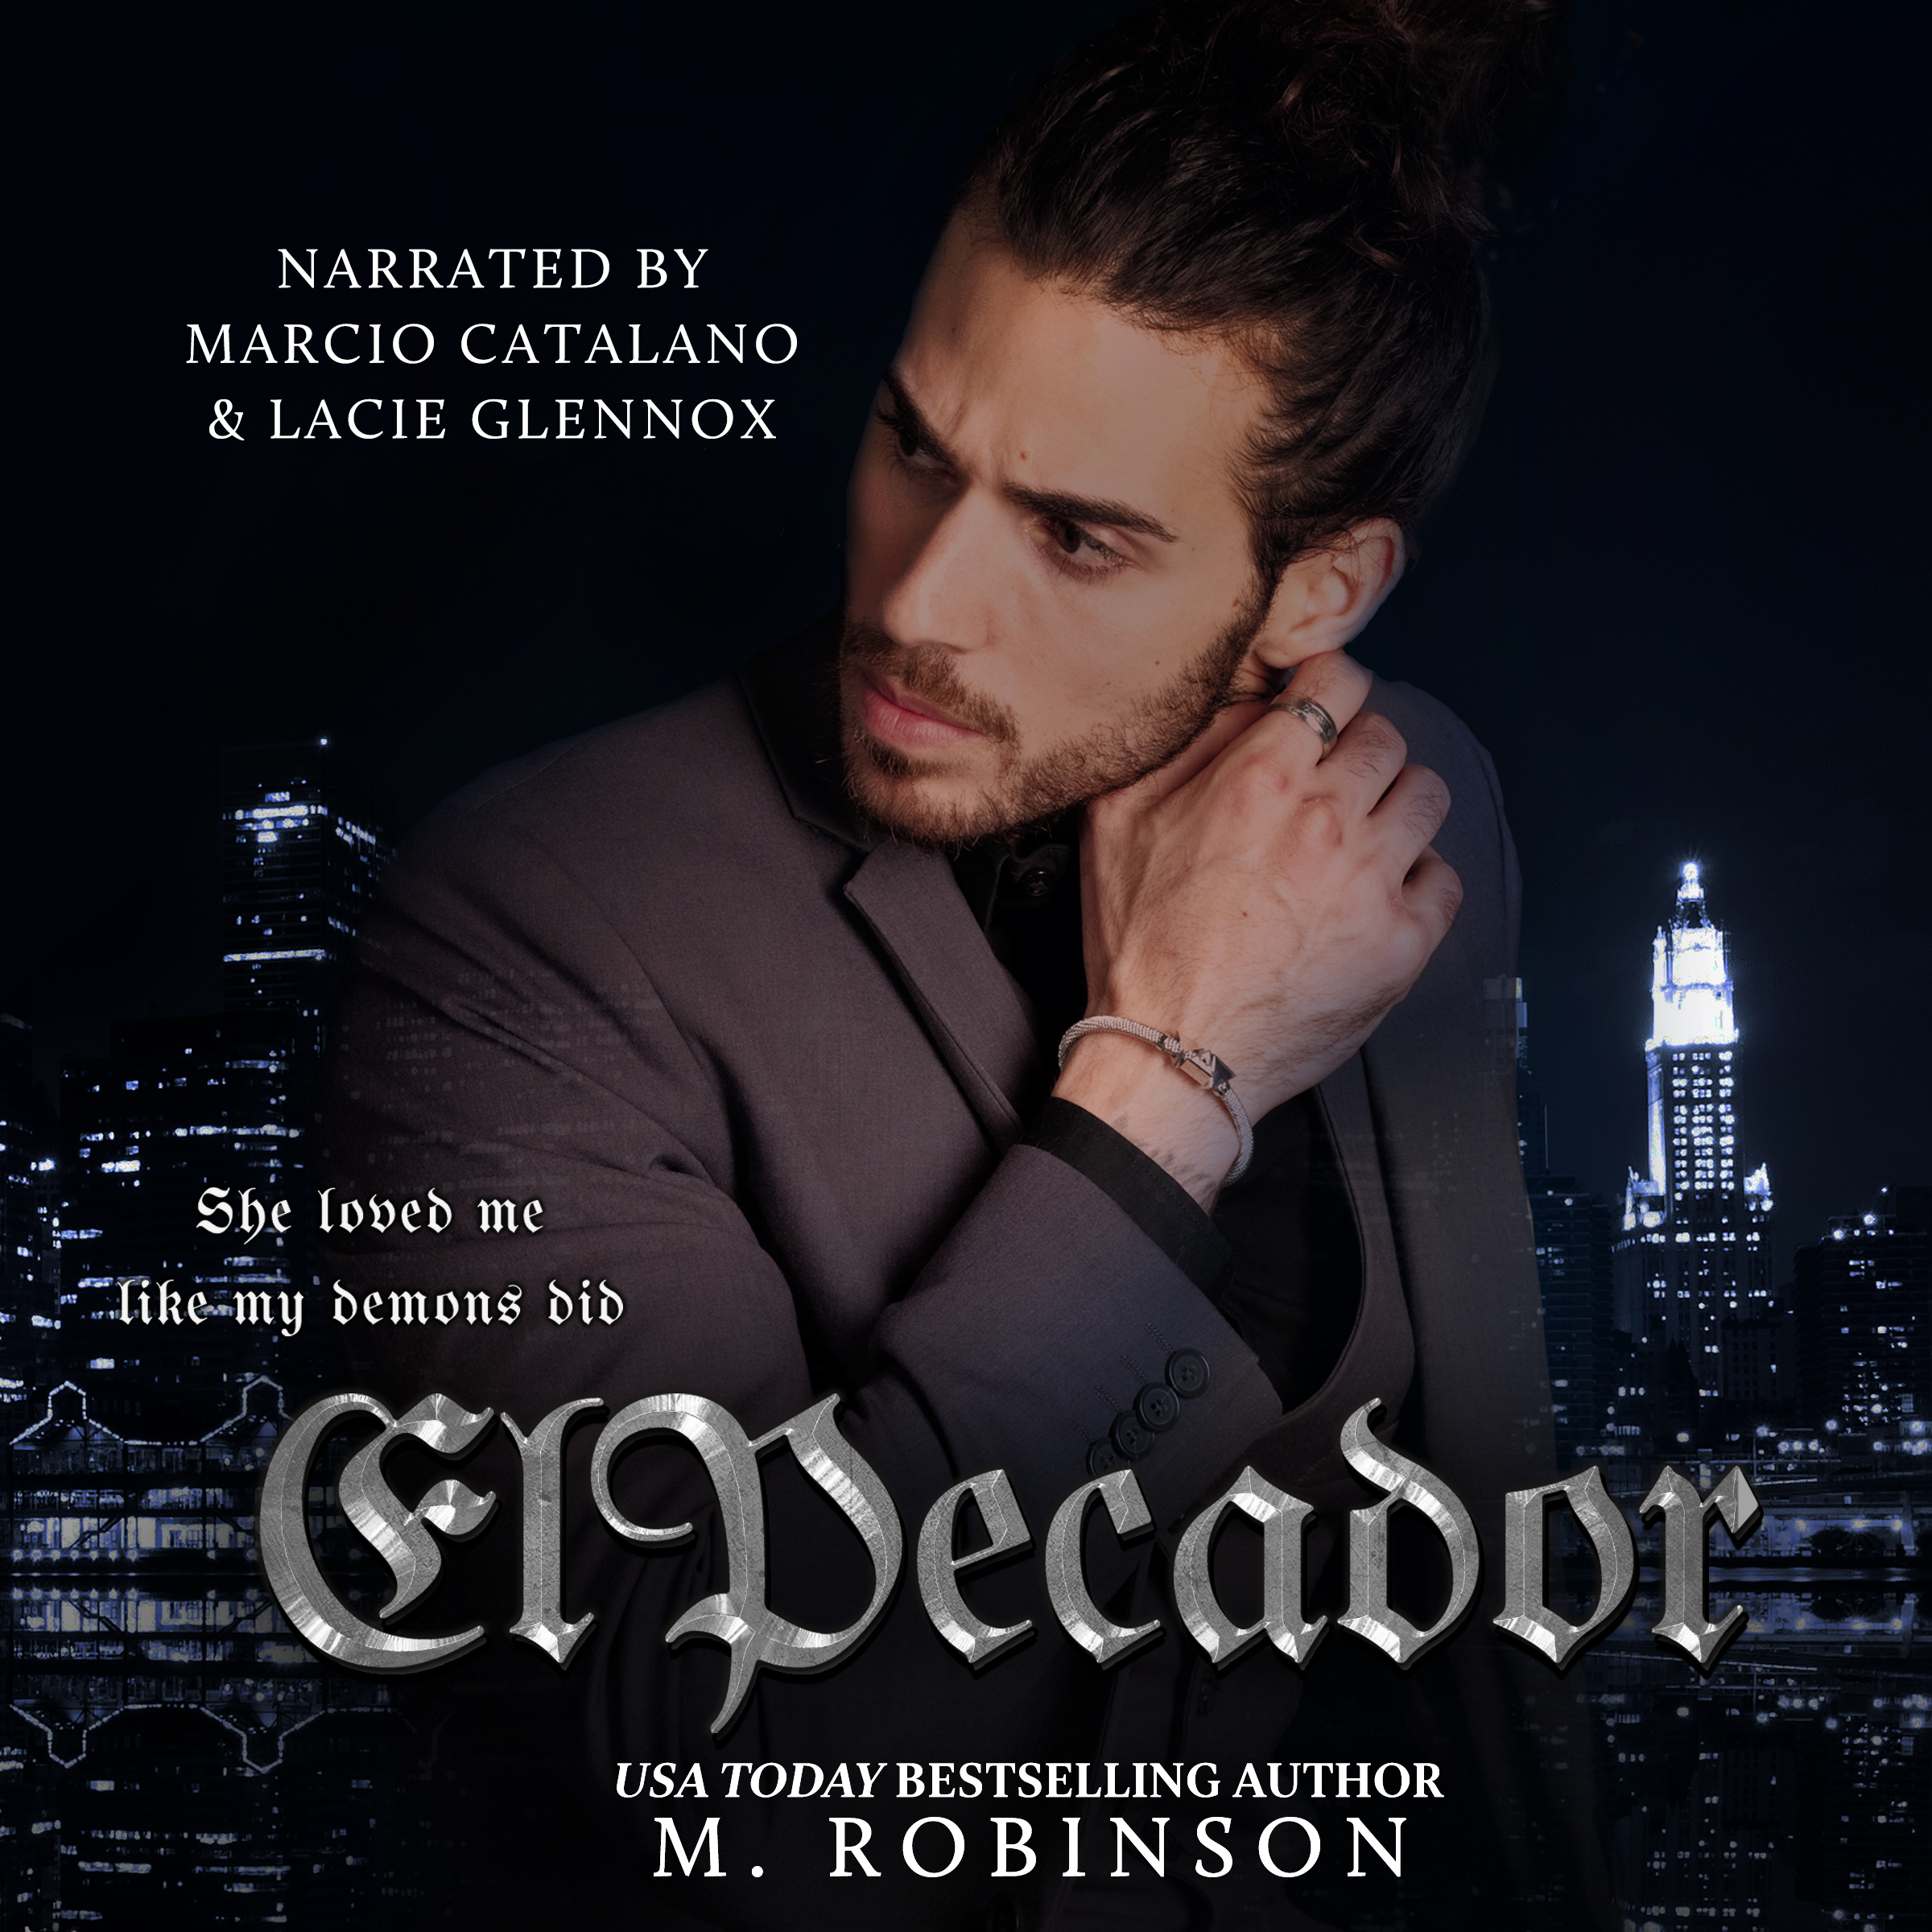 MRobinson_ElPecador_Audio.jpg